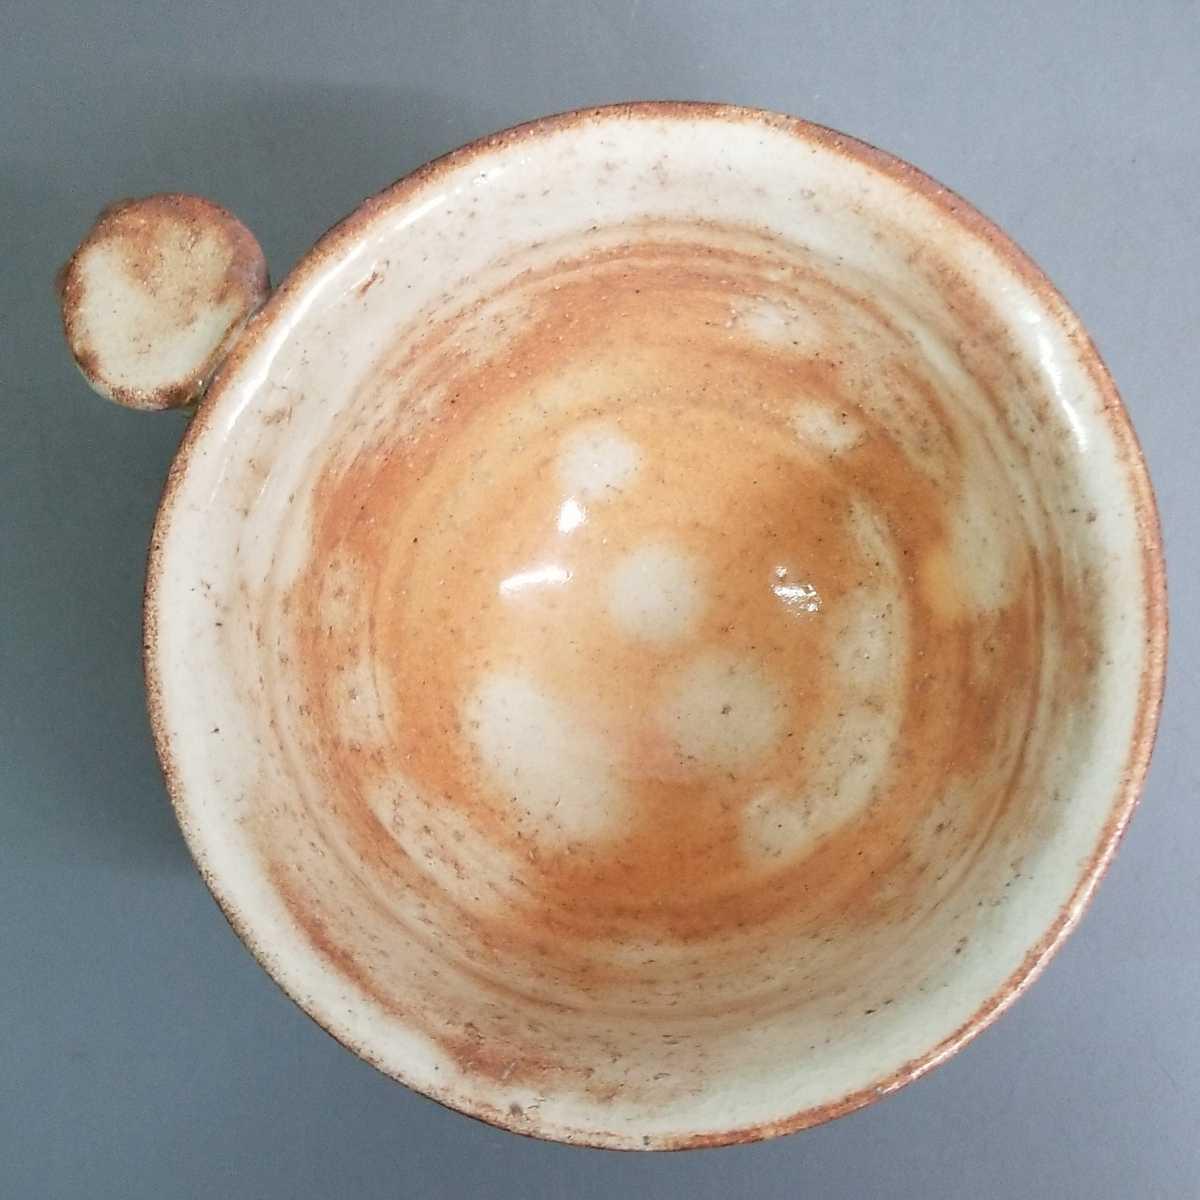 緒63)萩焼 渋谷泥詩 見島コーヒーカップ マグカップ 珈琲器 茶器 未使用新品 同梱歓迎_画像5